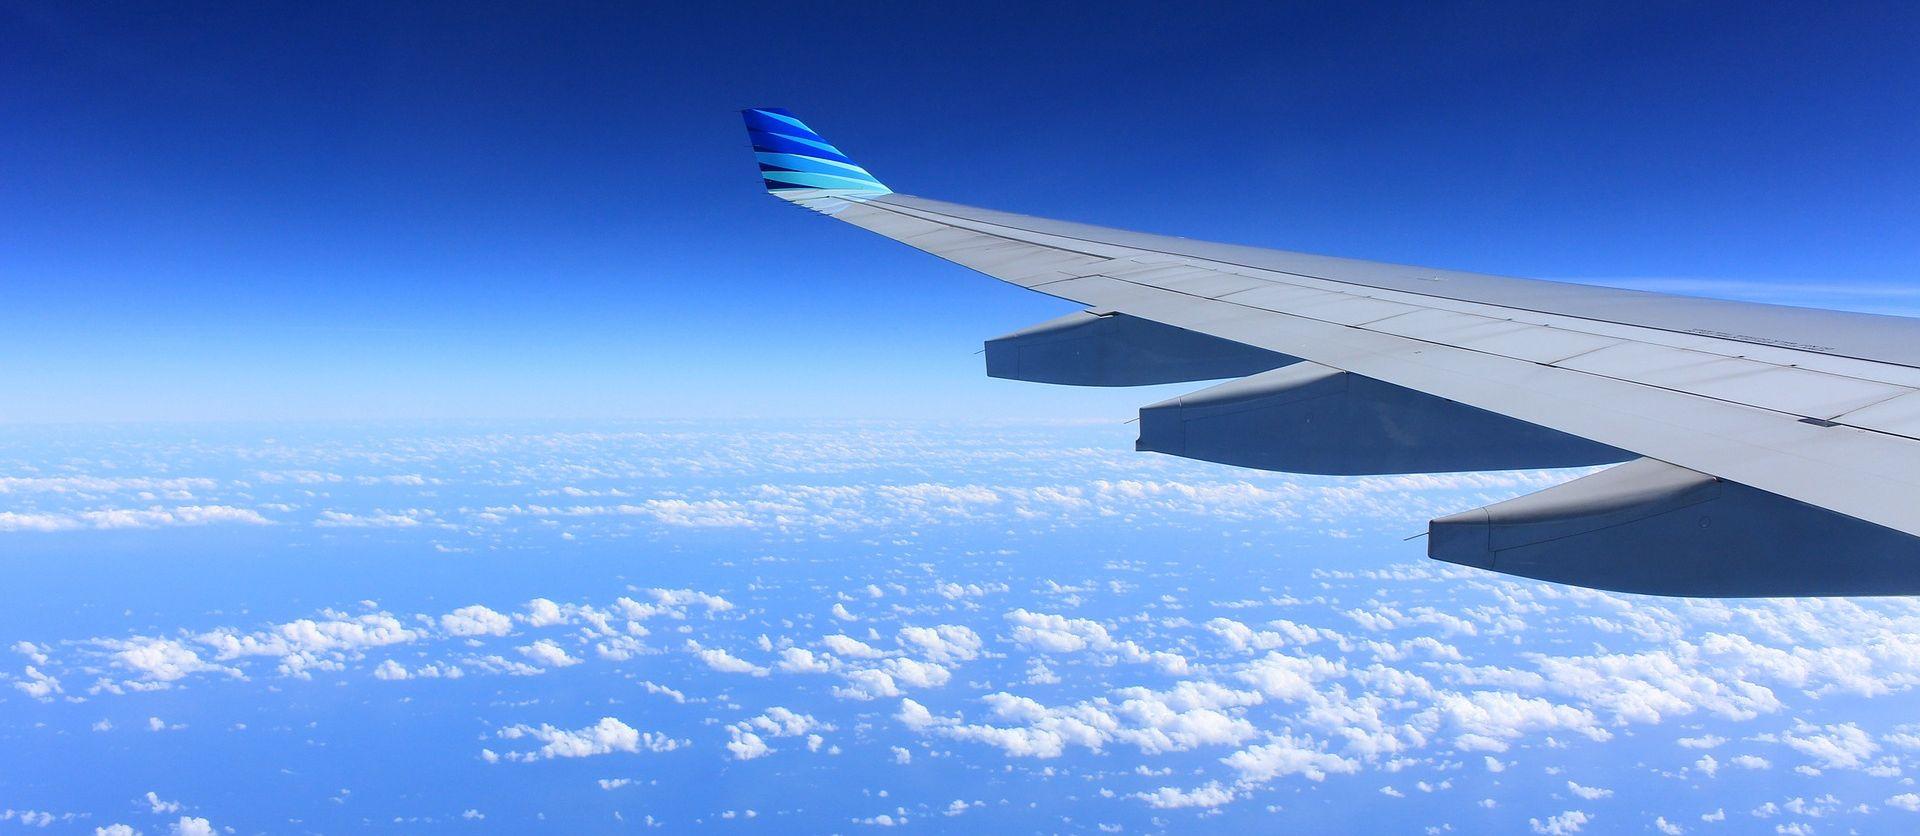 Kompanija Vueling tijekom vikenda otkazala brojne letove, putnici bijesni